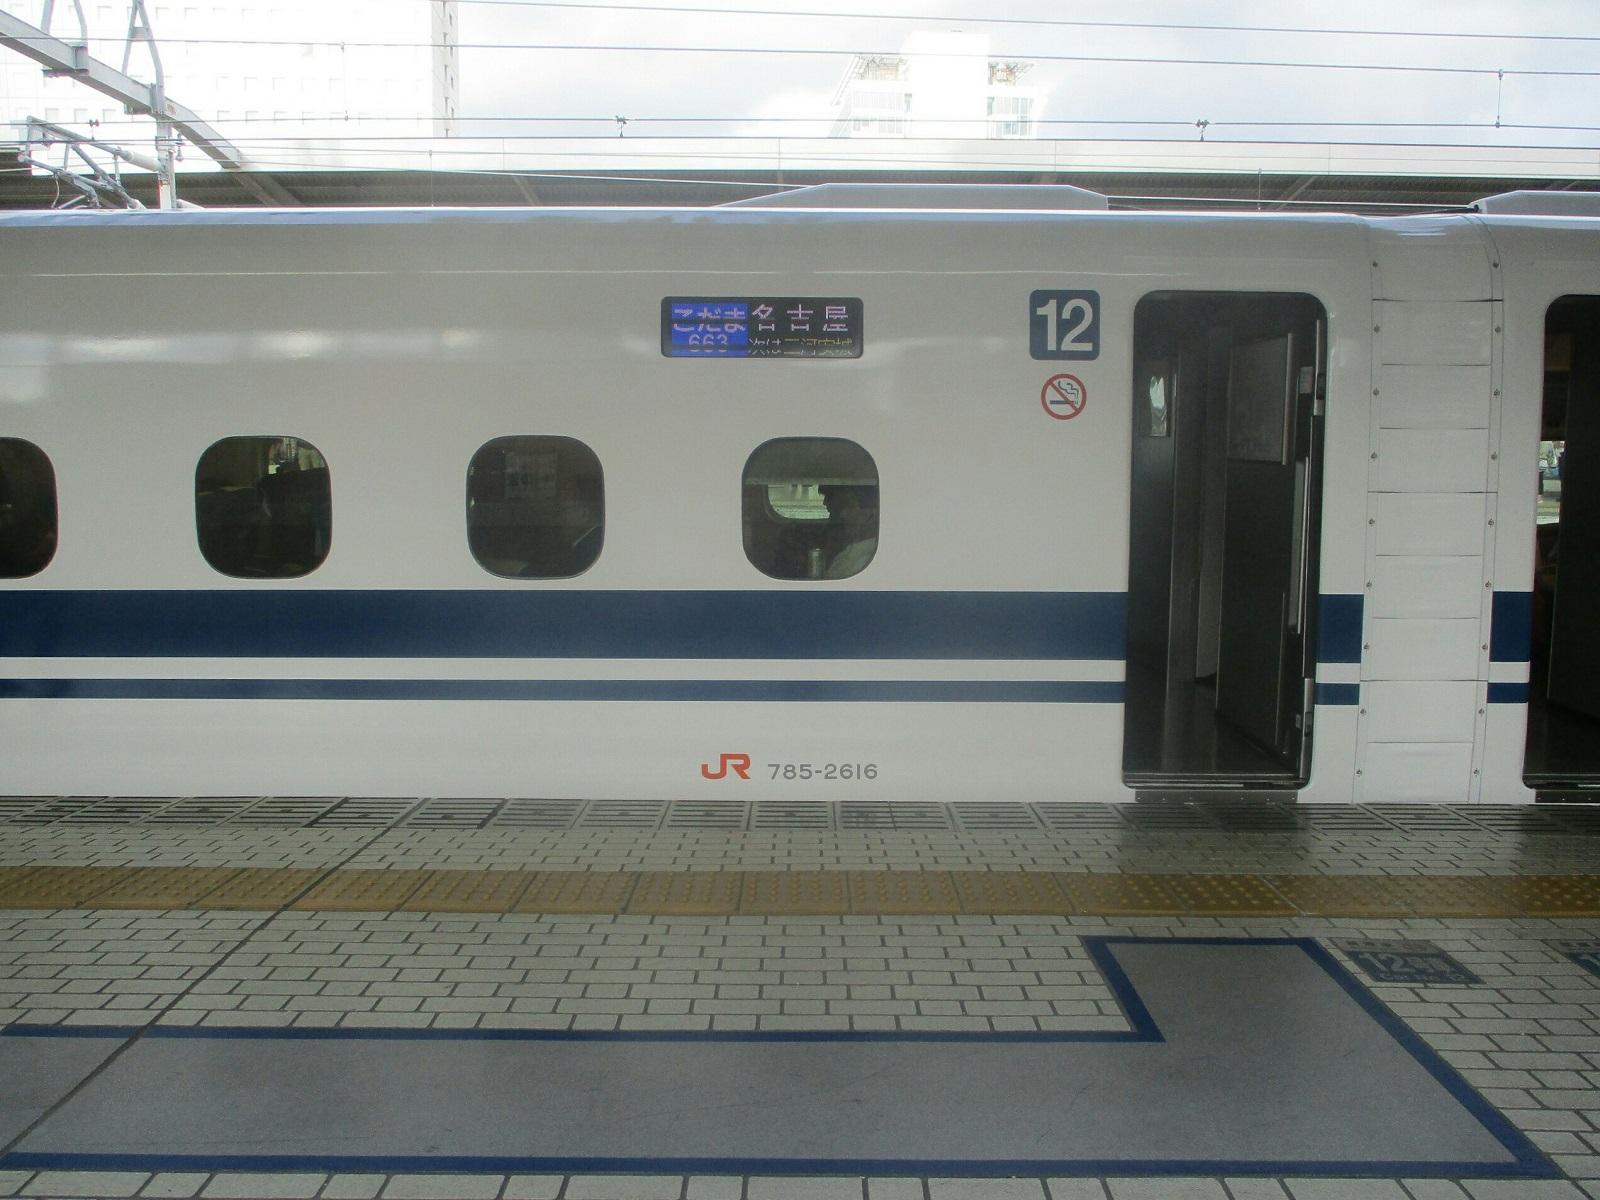 2018.8.10 (144) 豊橋 - 名古屋いきこだま663号 1600-1200